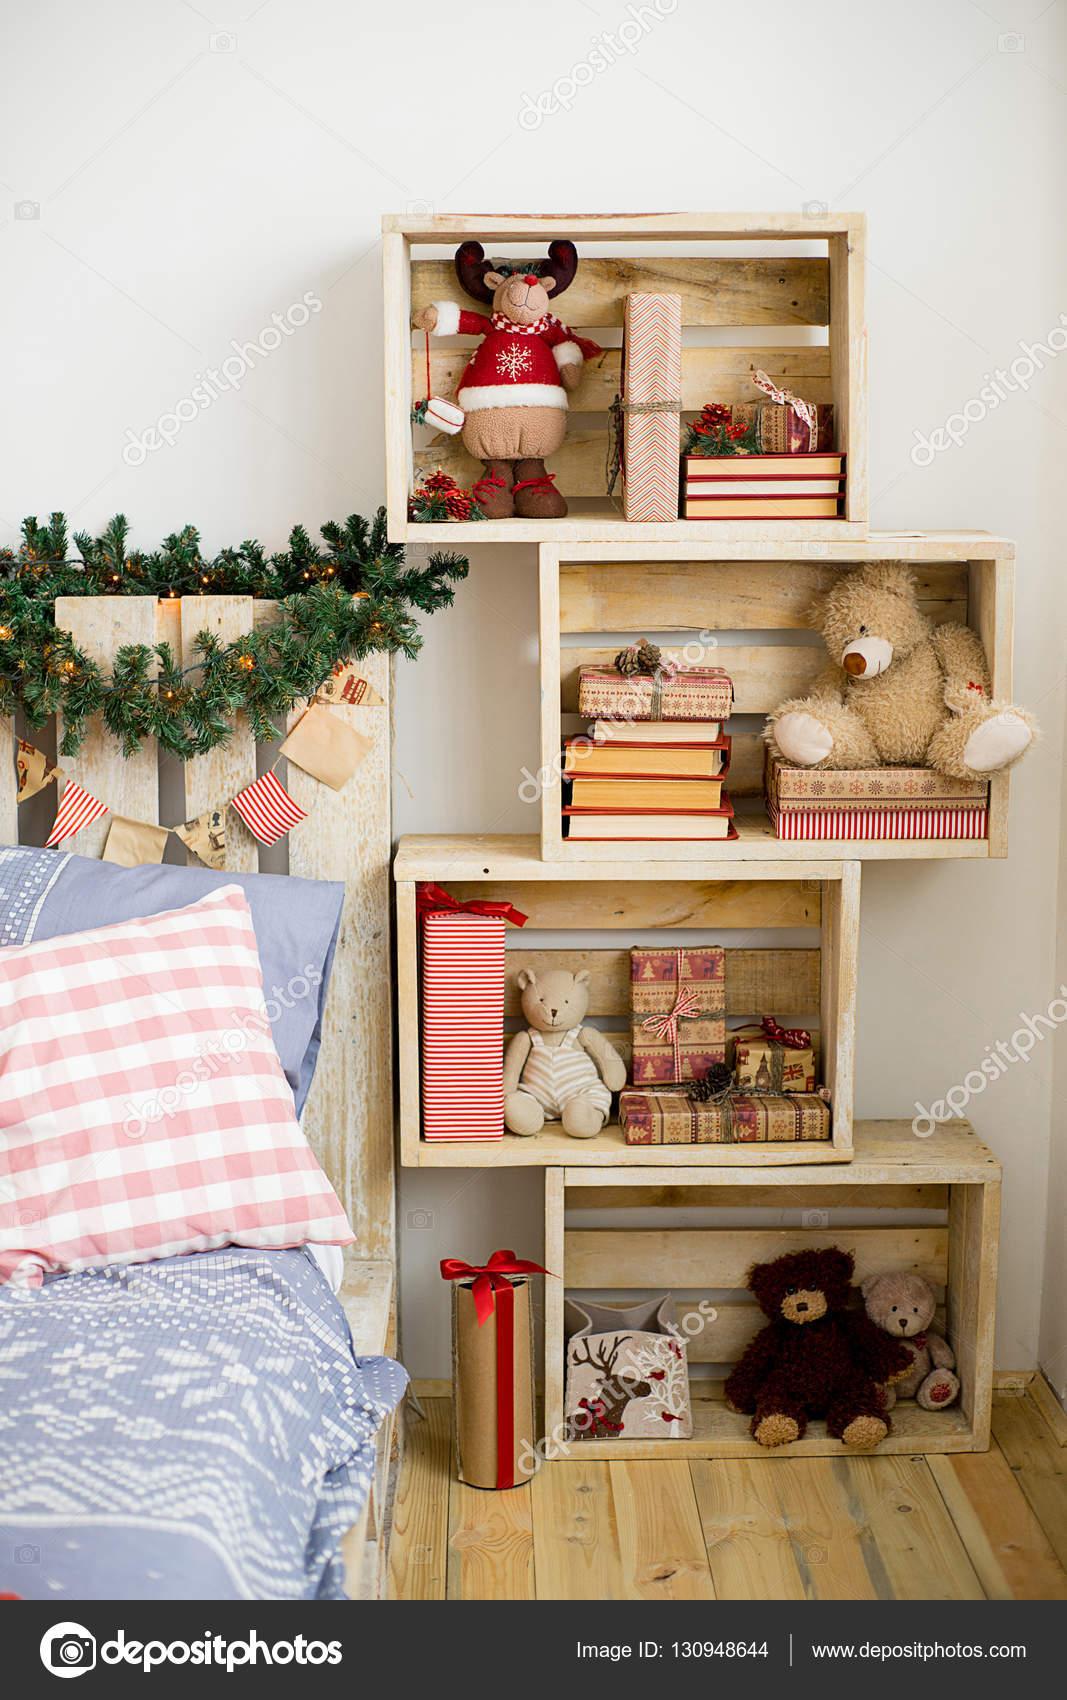 design kamer met kerstmis fir en het bed interieur landelijke stijl foto van lenanichizhenova